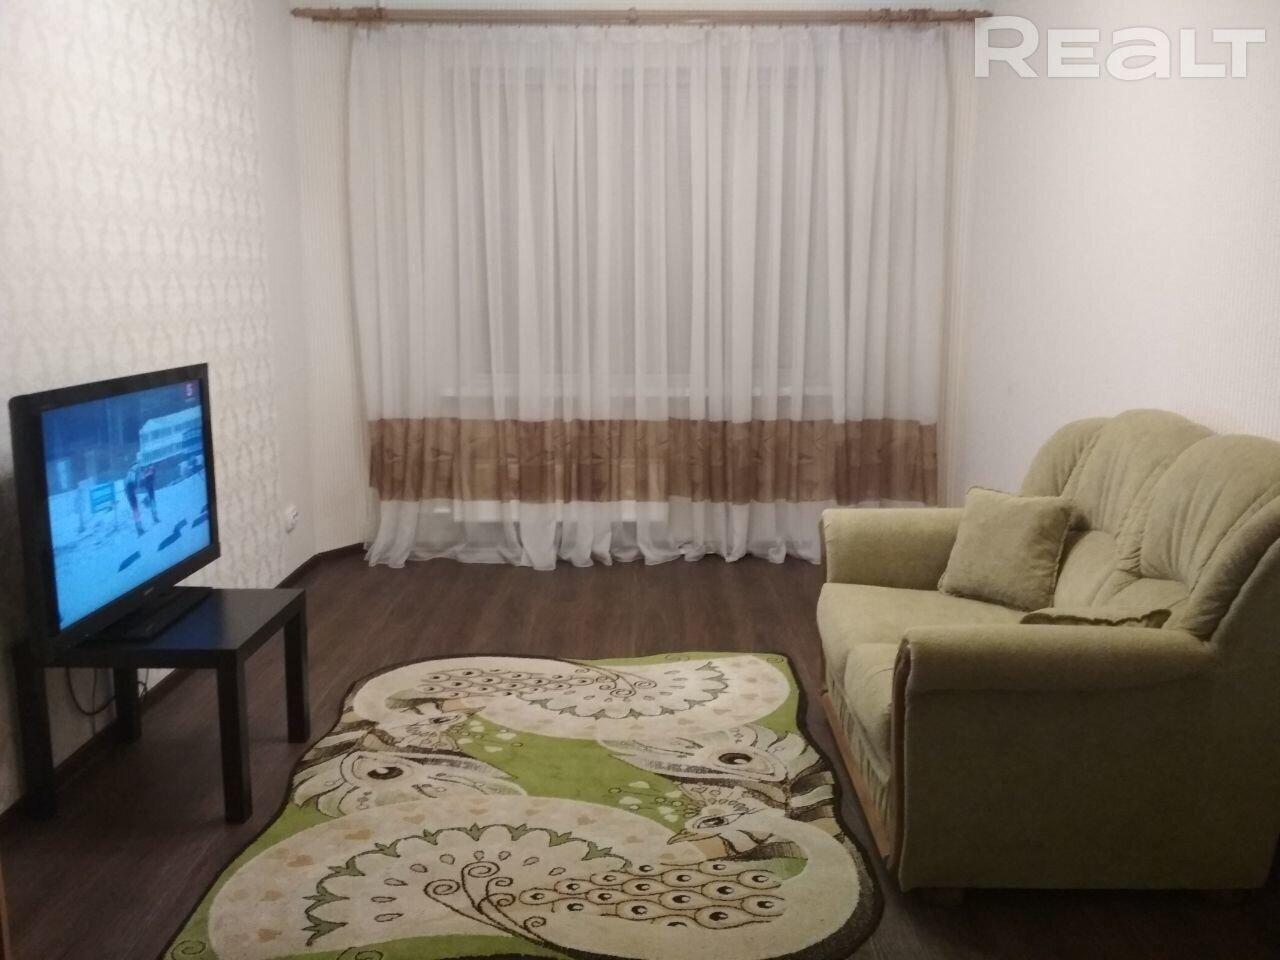 Продажа 1 комнатной квартиры в г. Минске, ул. Никифорова, дом 11 (р-н Уручье). Цена 120 528 руб c торгом